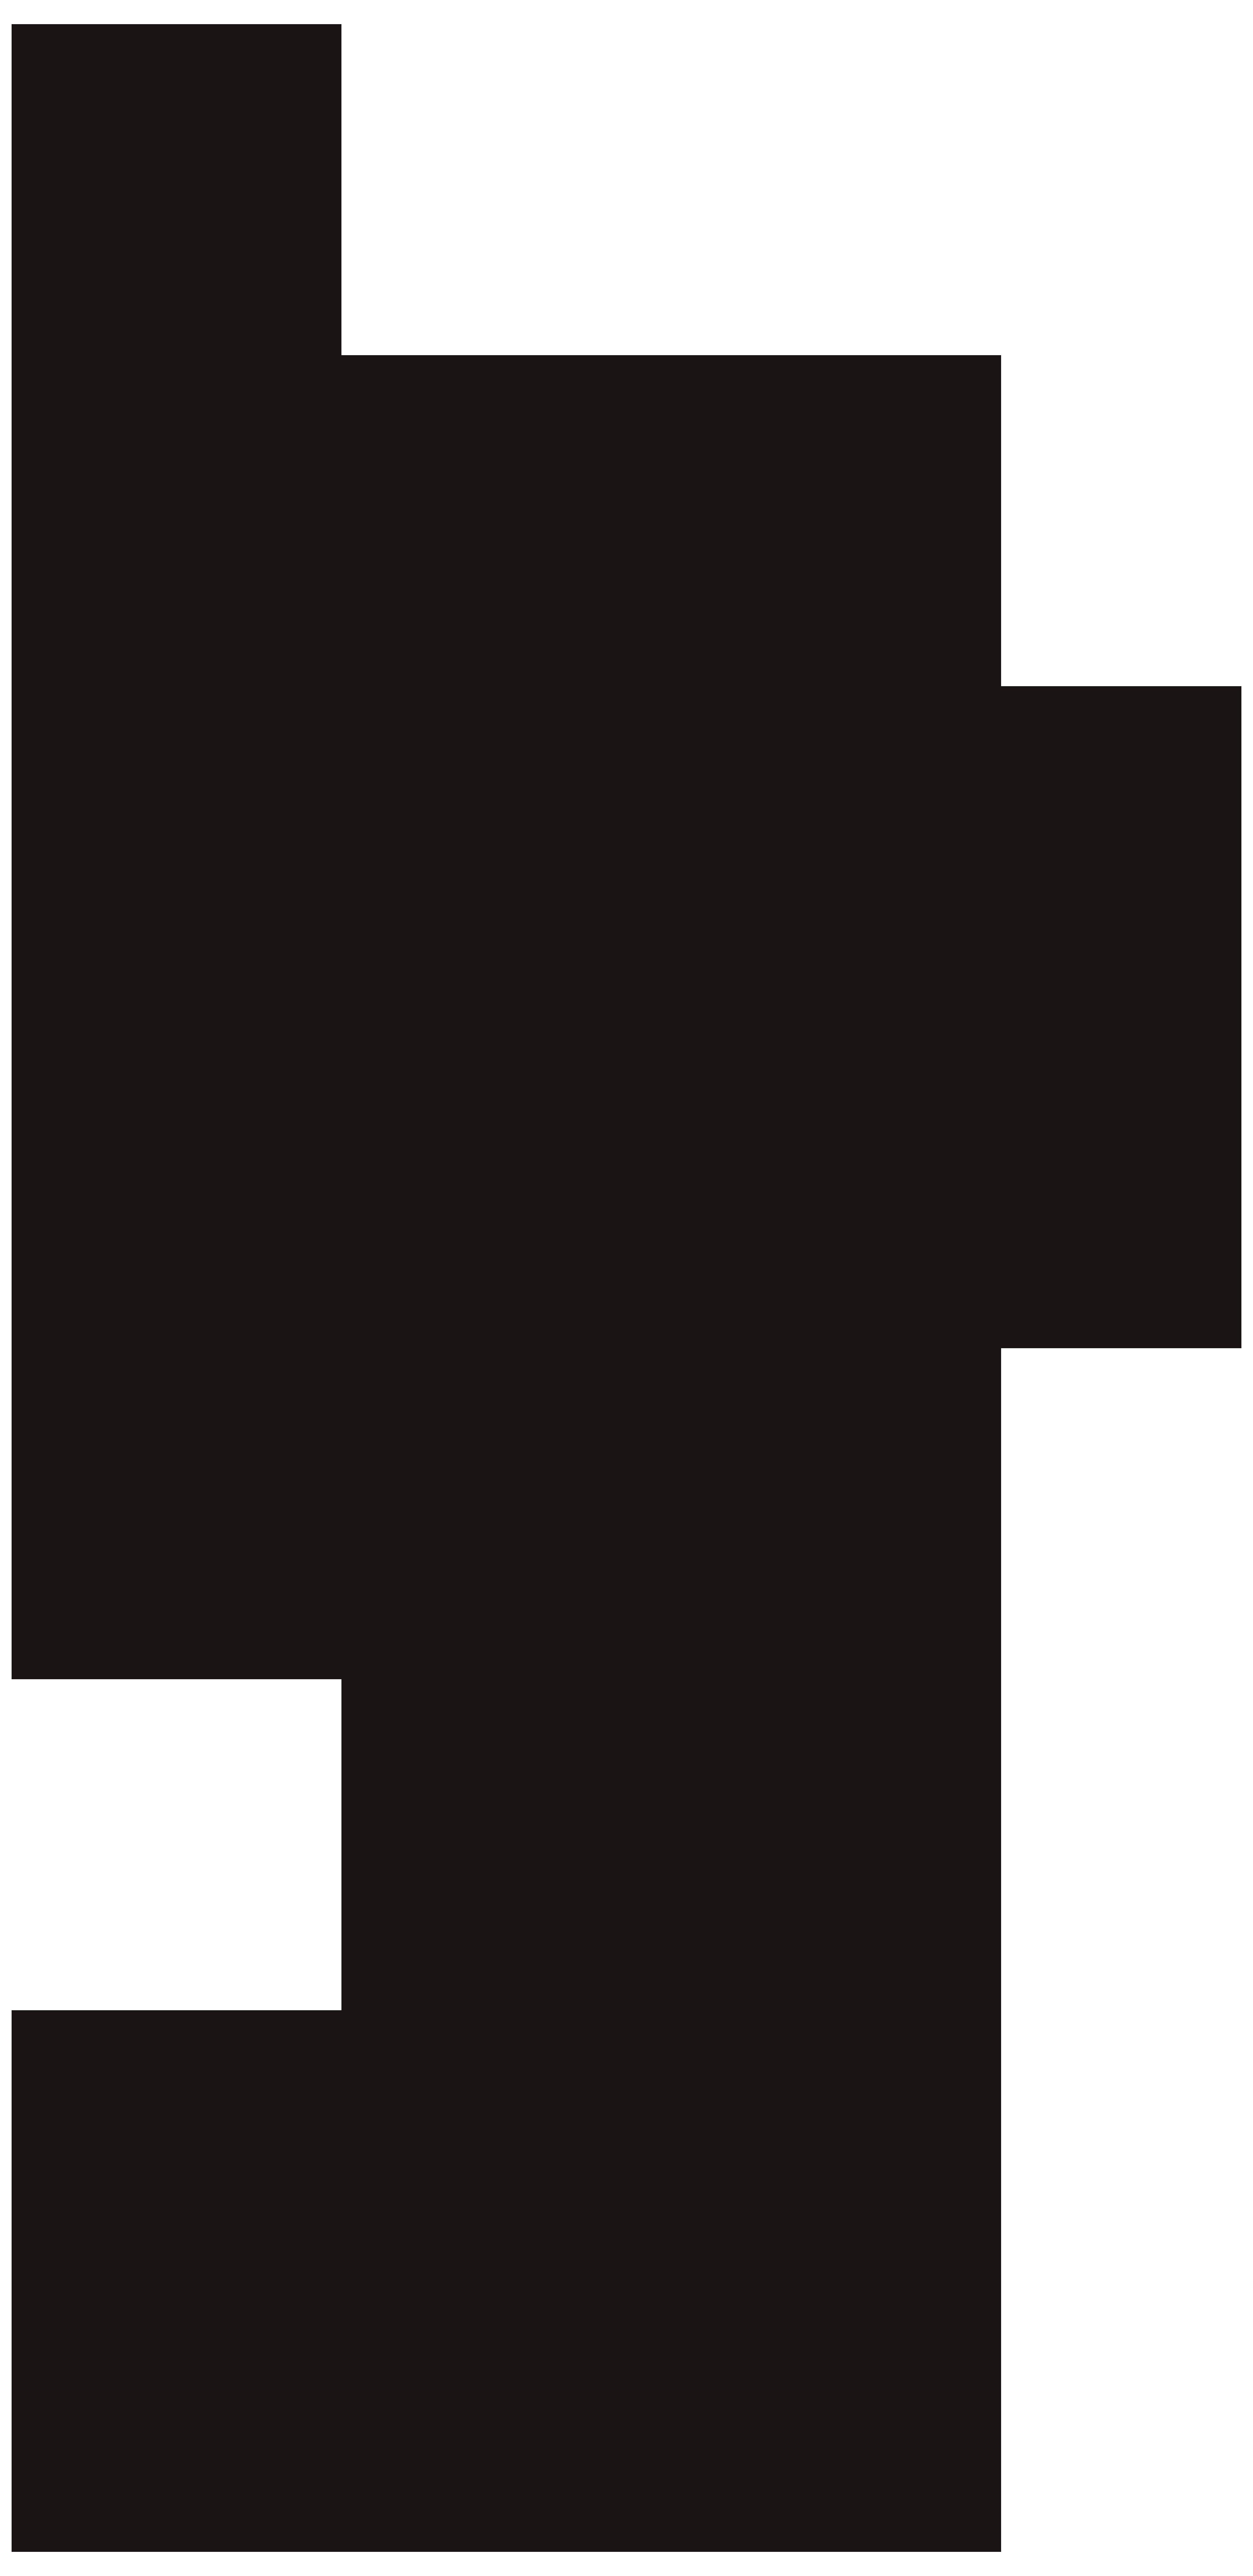 Ballerina clipart black and white banner royalty free Ballerina clipart black and white clipart images gallery for free ... banner royalty free